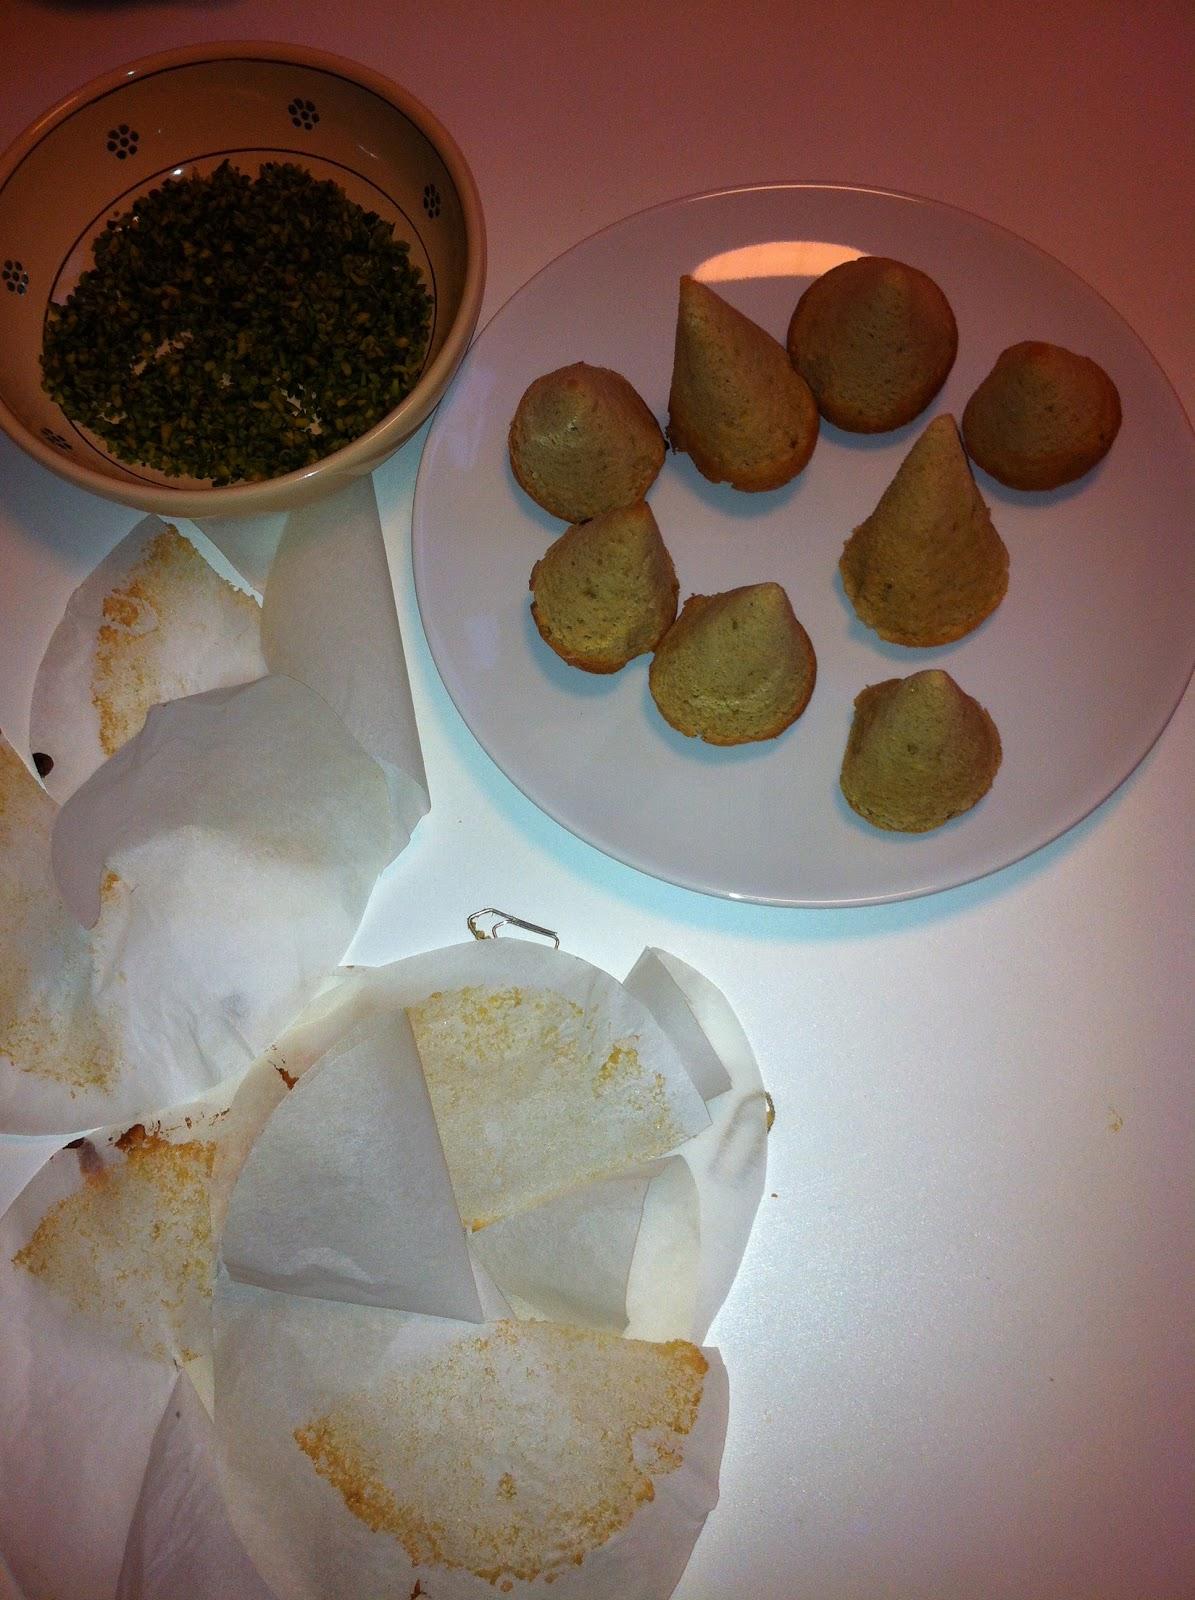 Normale Weihnachtskekse.Brechlin5 Unsere Angeber Weihnachtsbaum Kekse